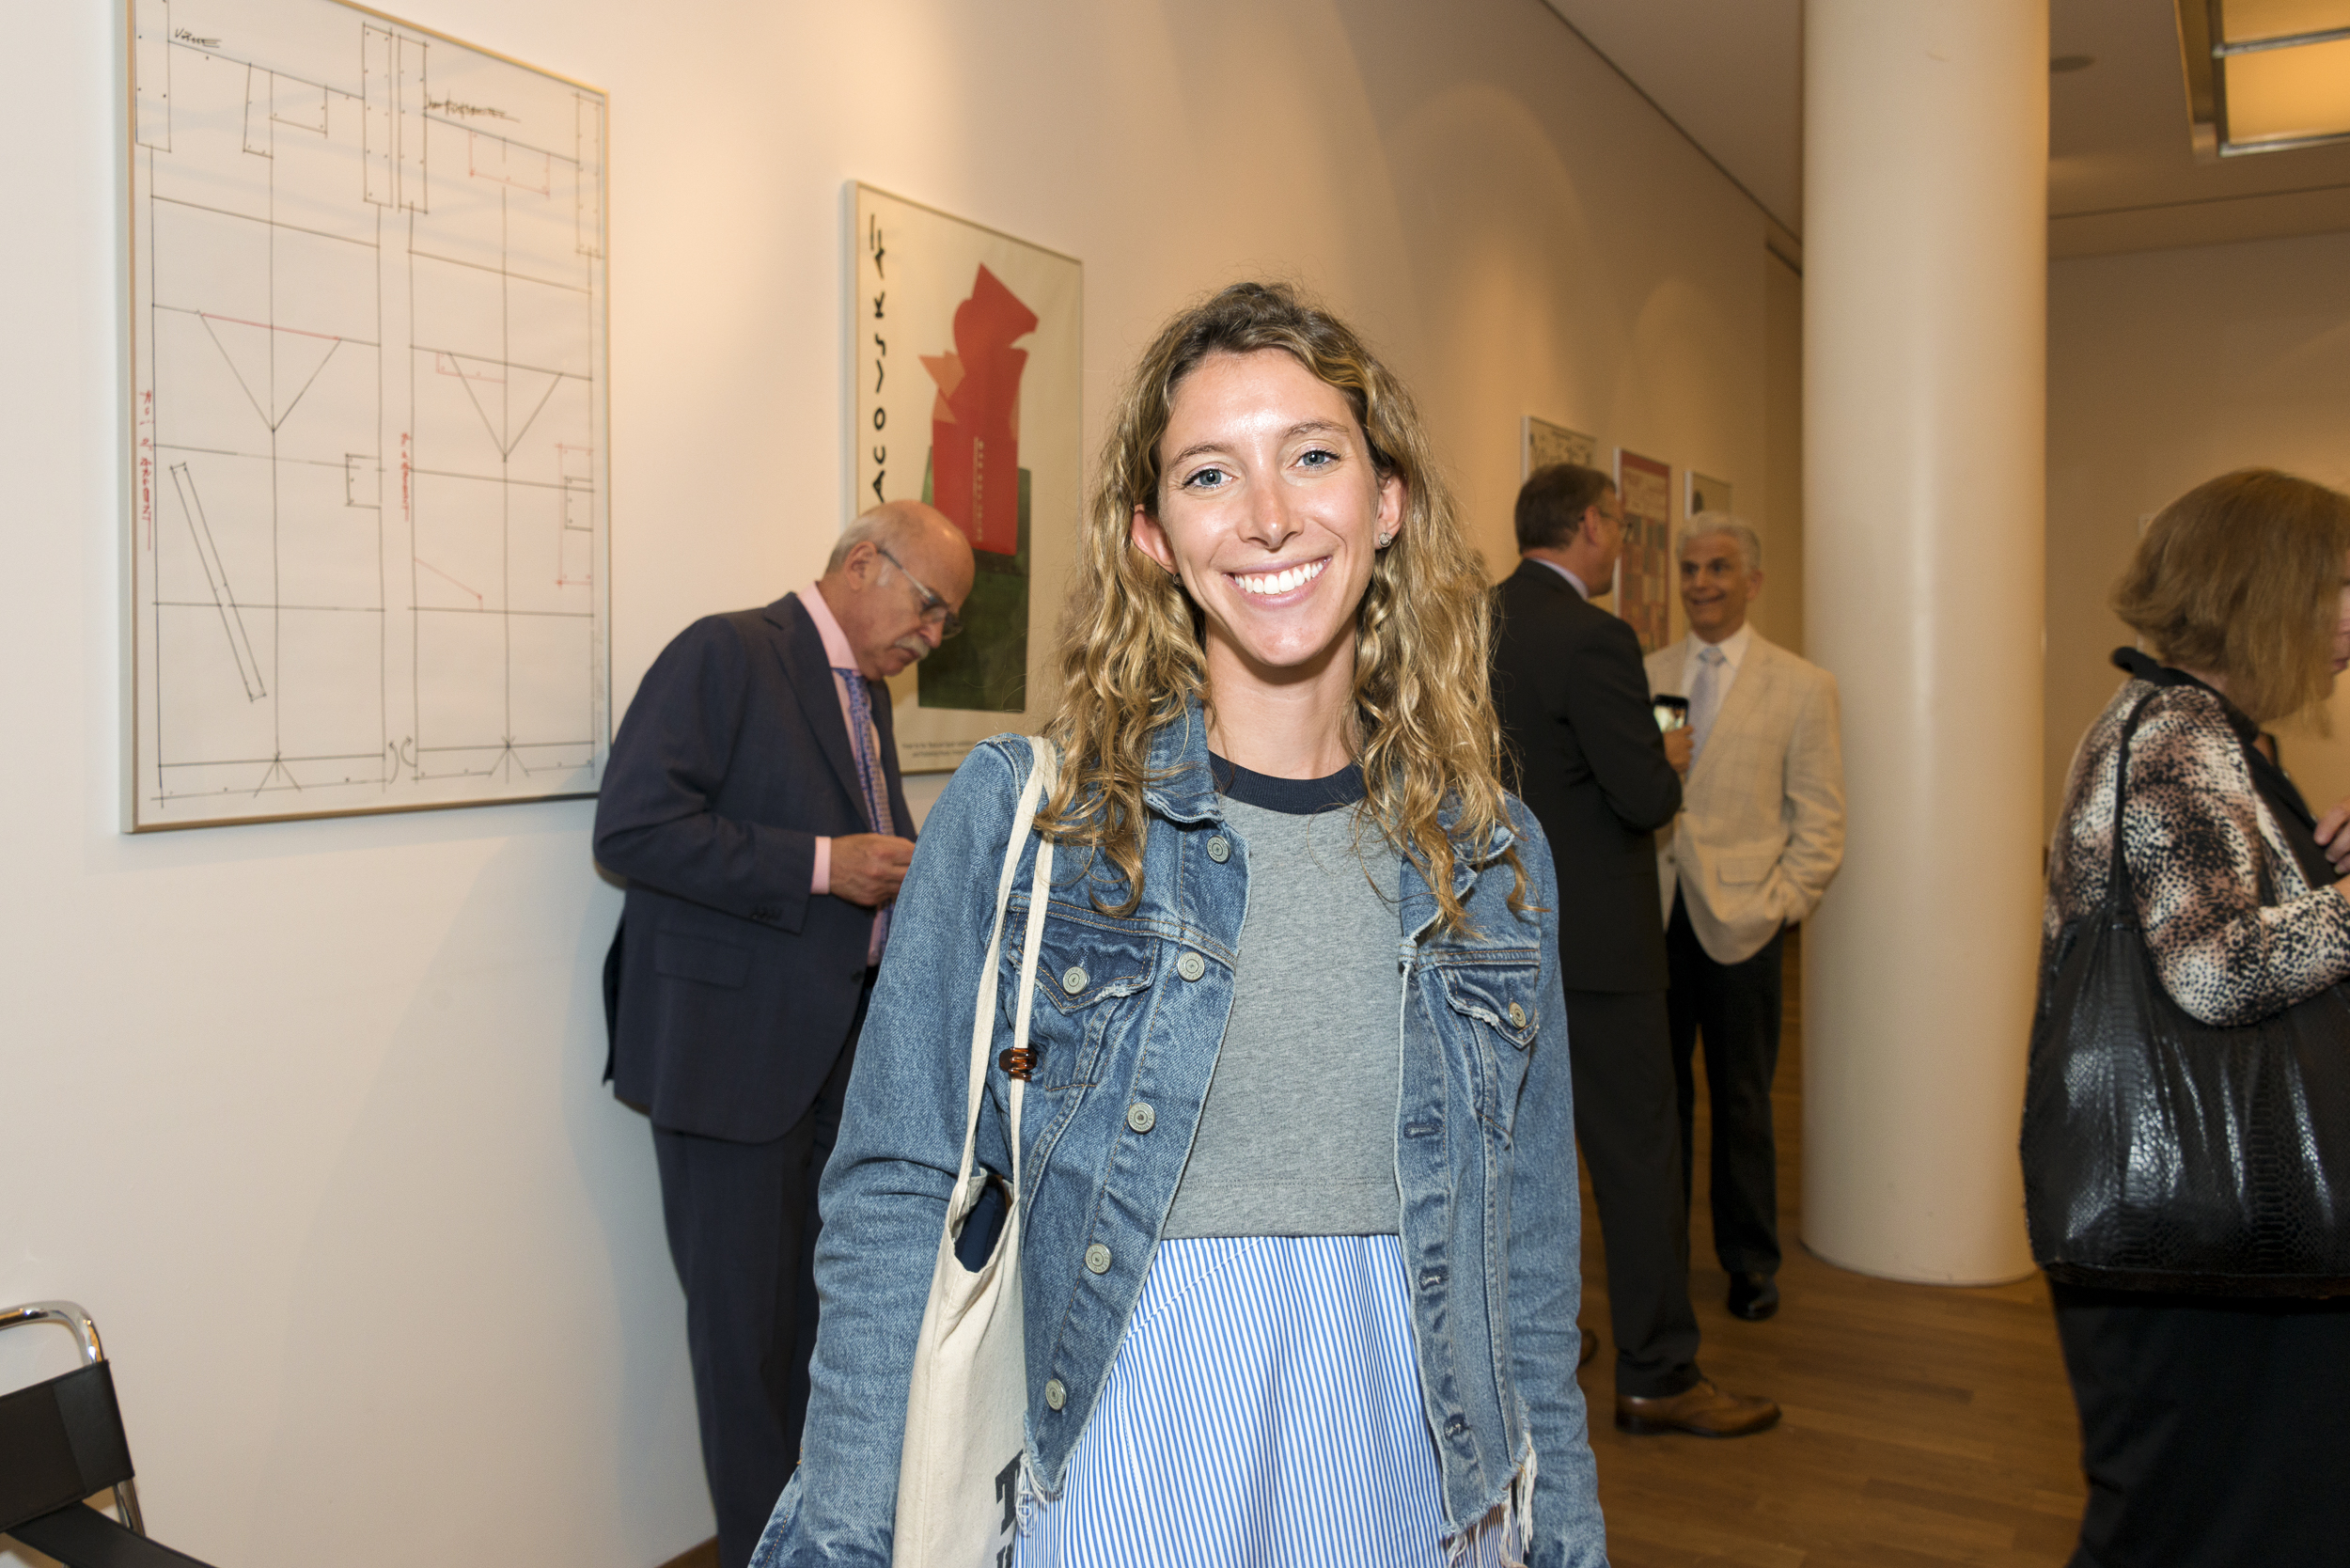 Alexandra Levine